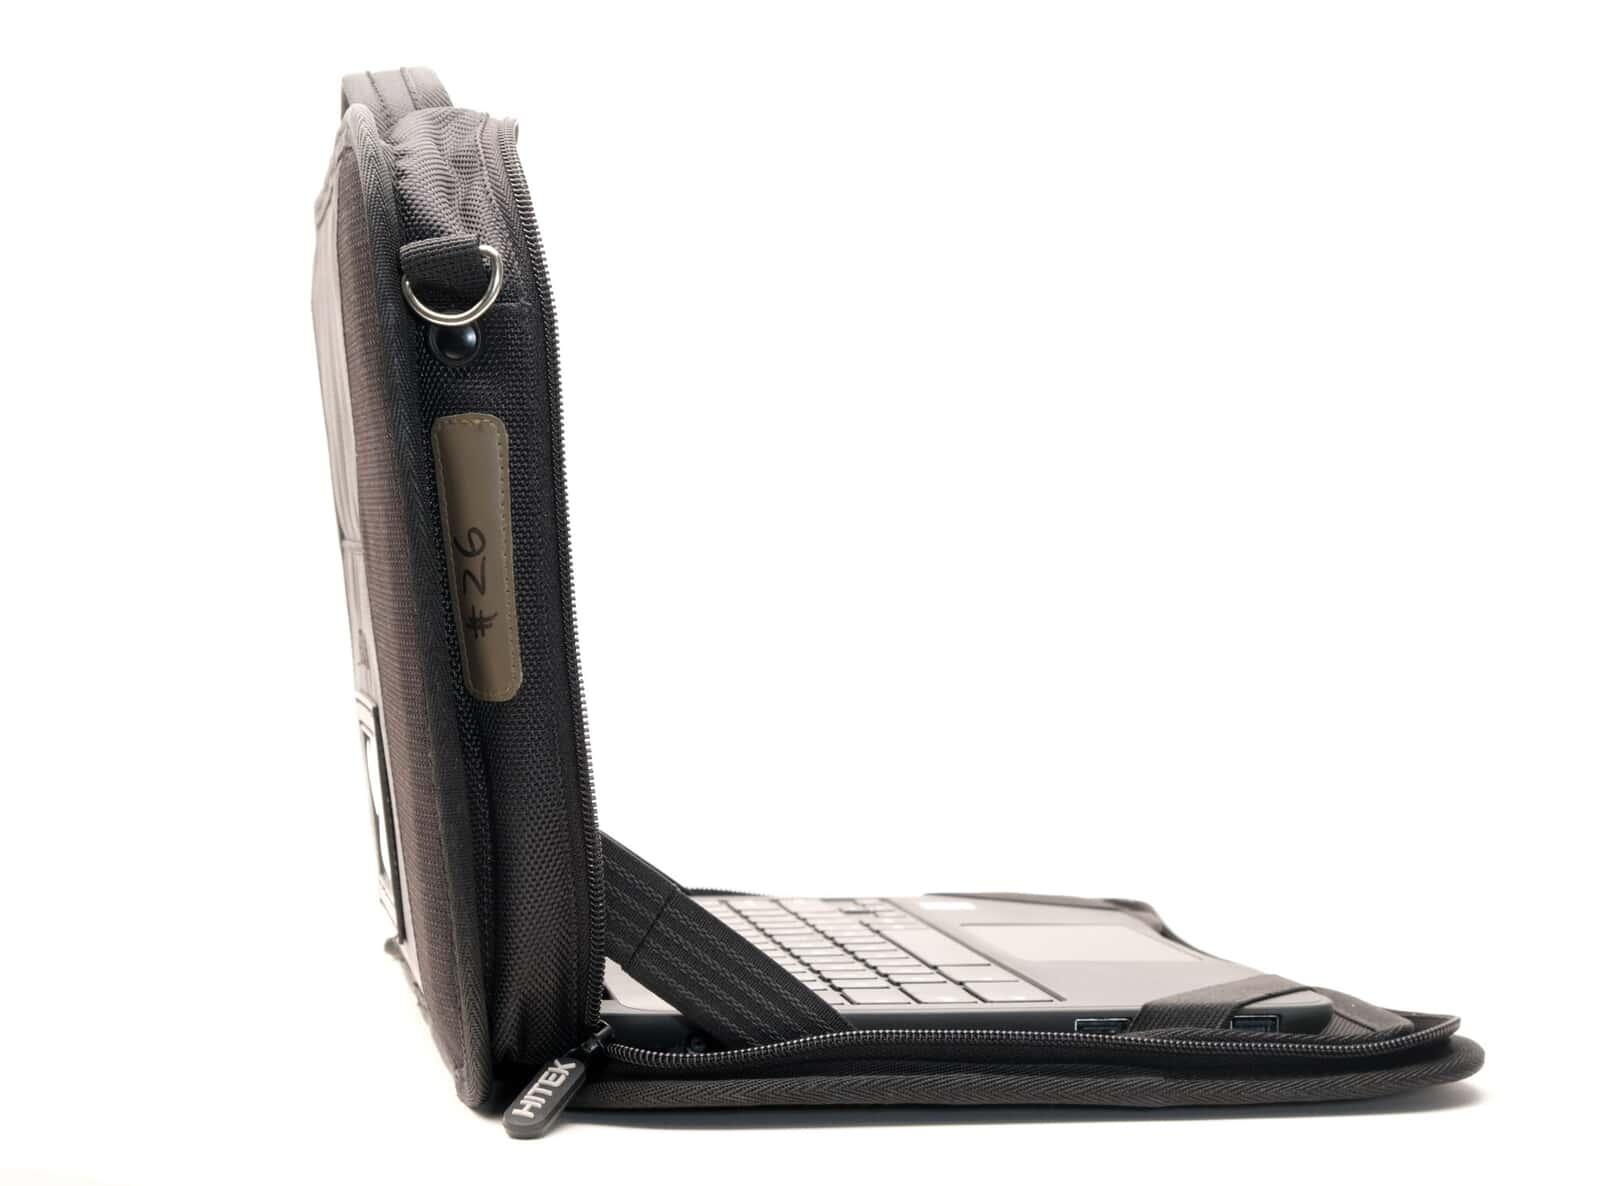 a90de36d7155 AlumiShield Bag G3 Slim for 11